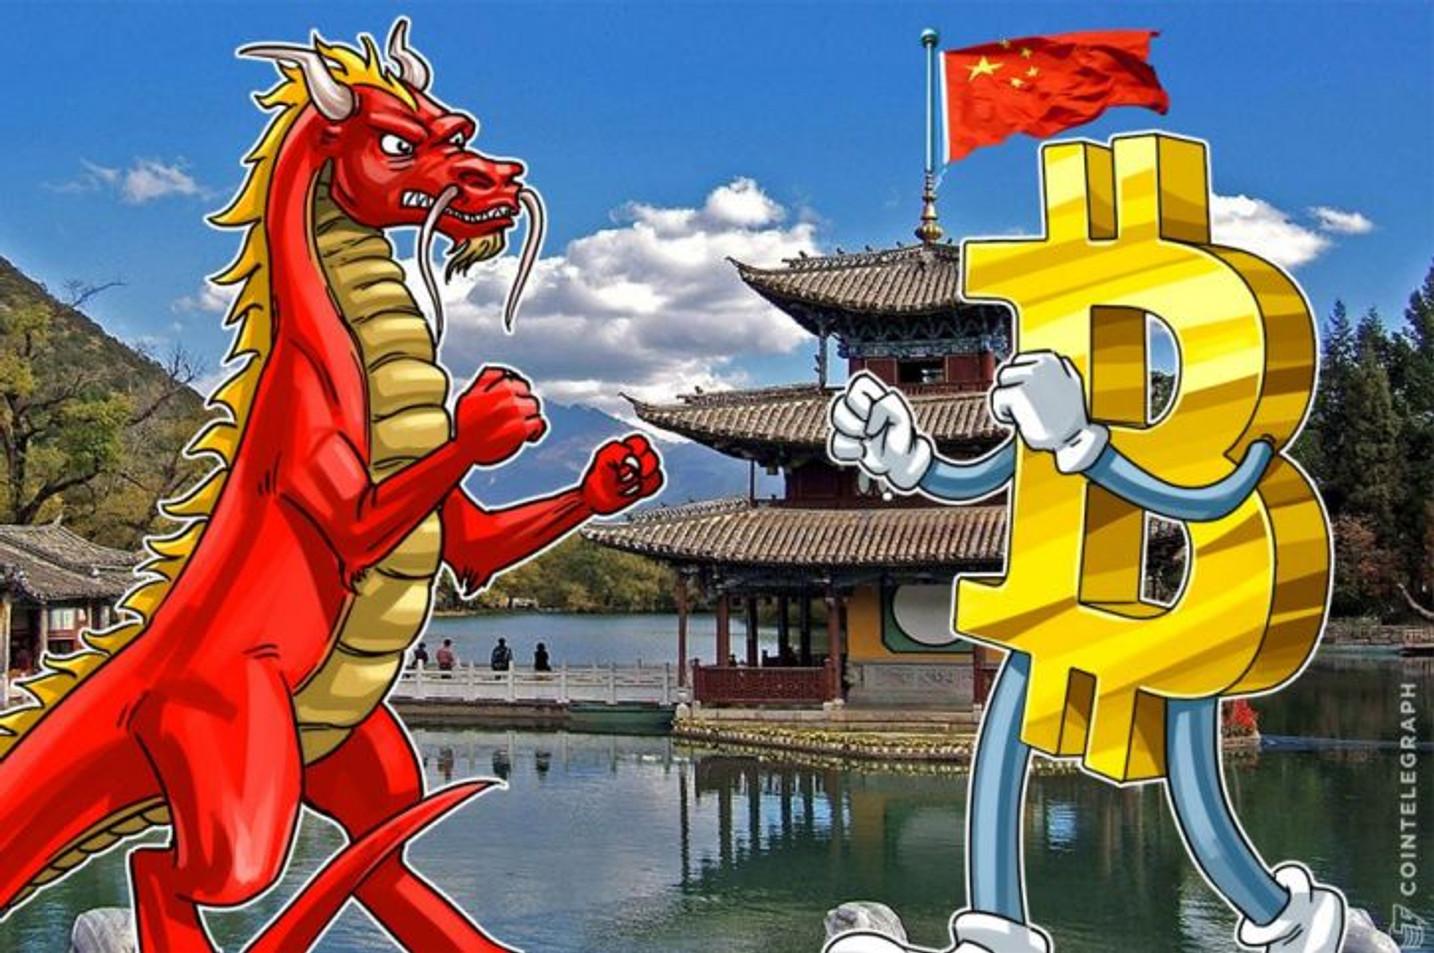 Stručni saradnik Narodne banke Kine: Kriptovalute su realna pretnja!